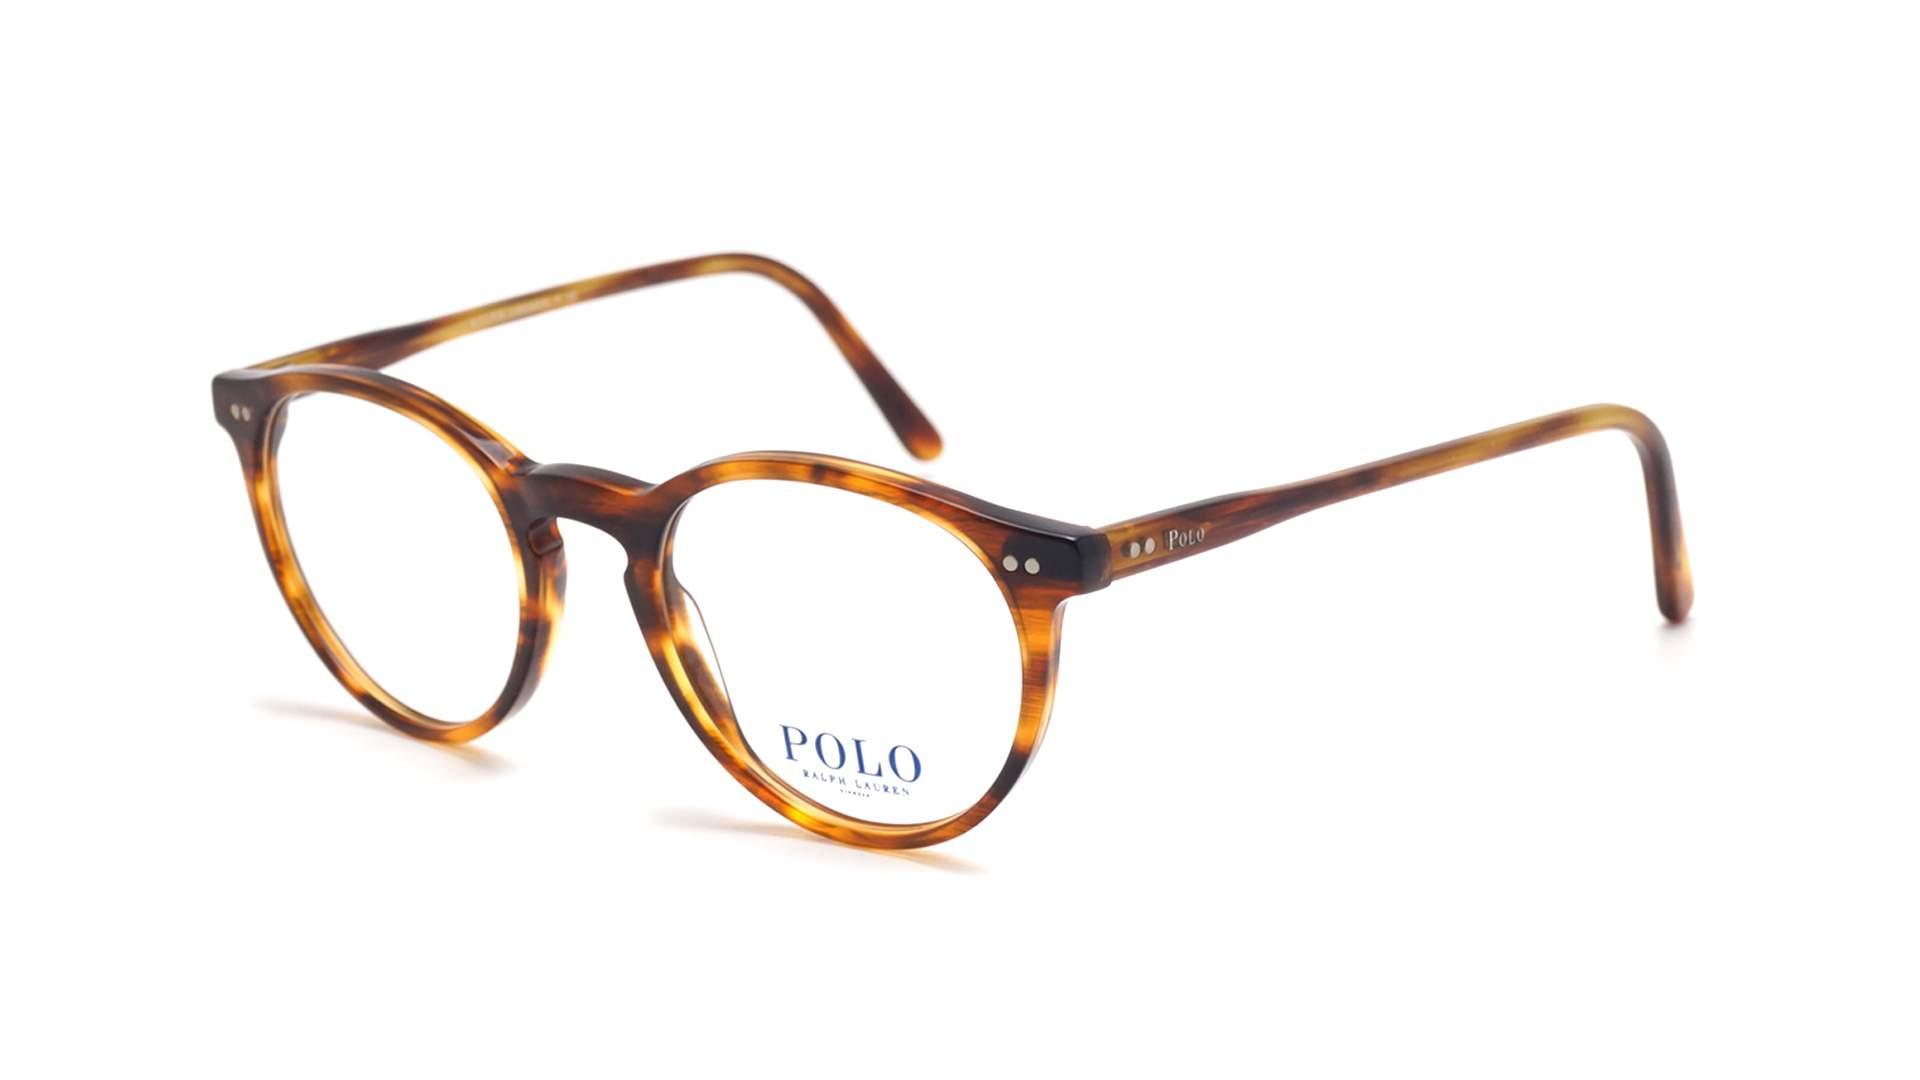 perfekte Qualität Kaufen kostengünstig Polo Ralph Lauren PH2083 5007 48-20 Havana Schmal